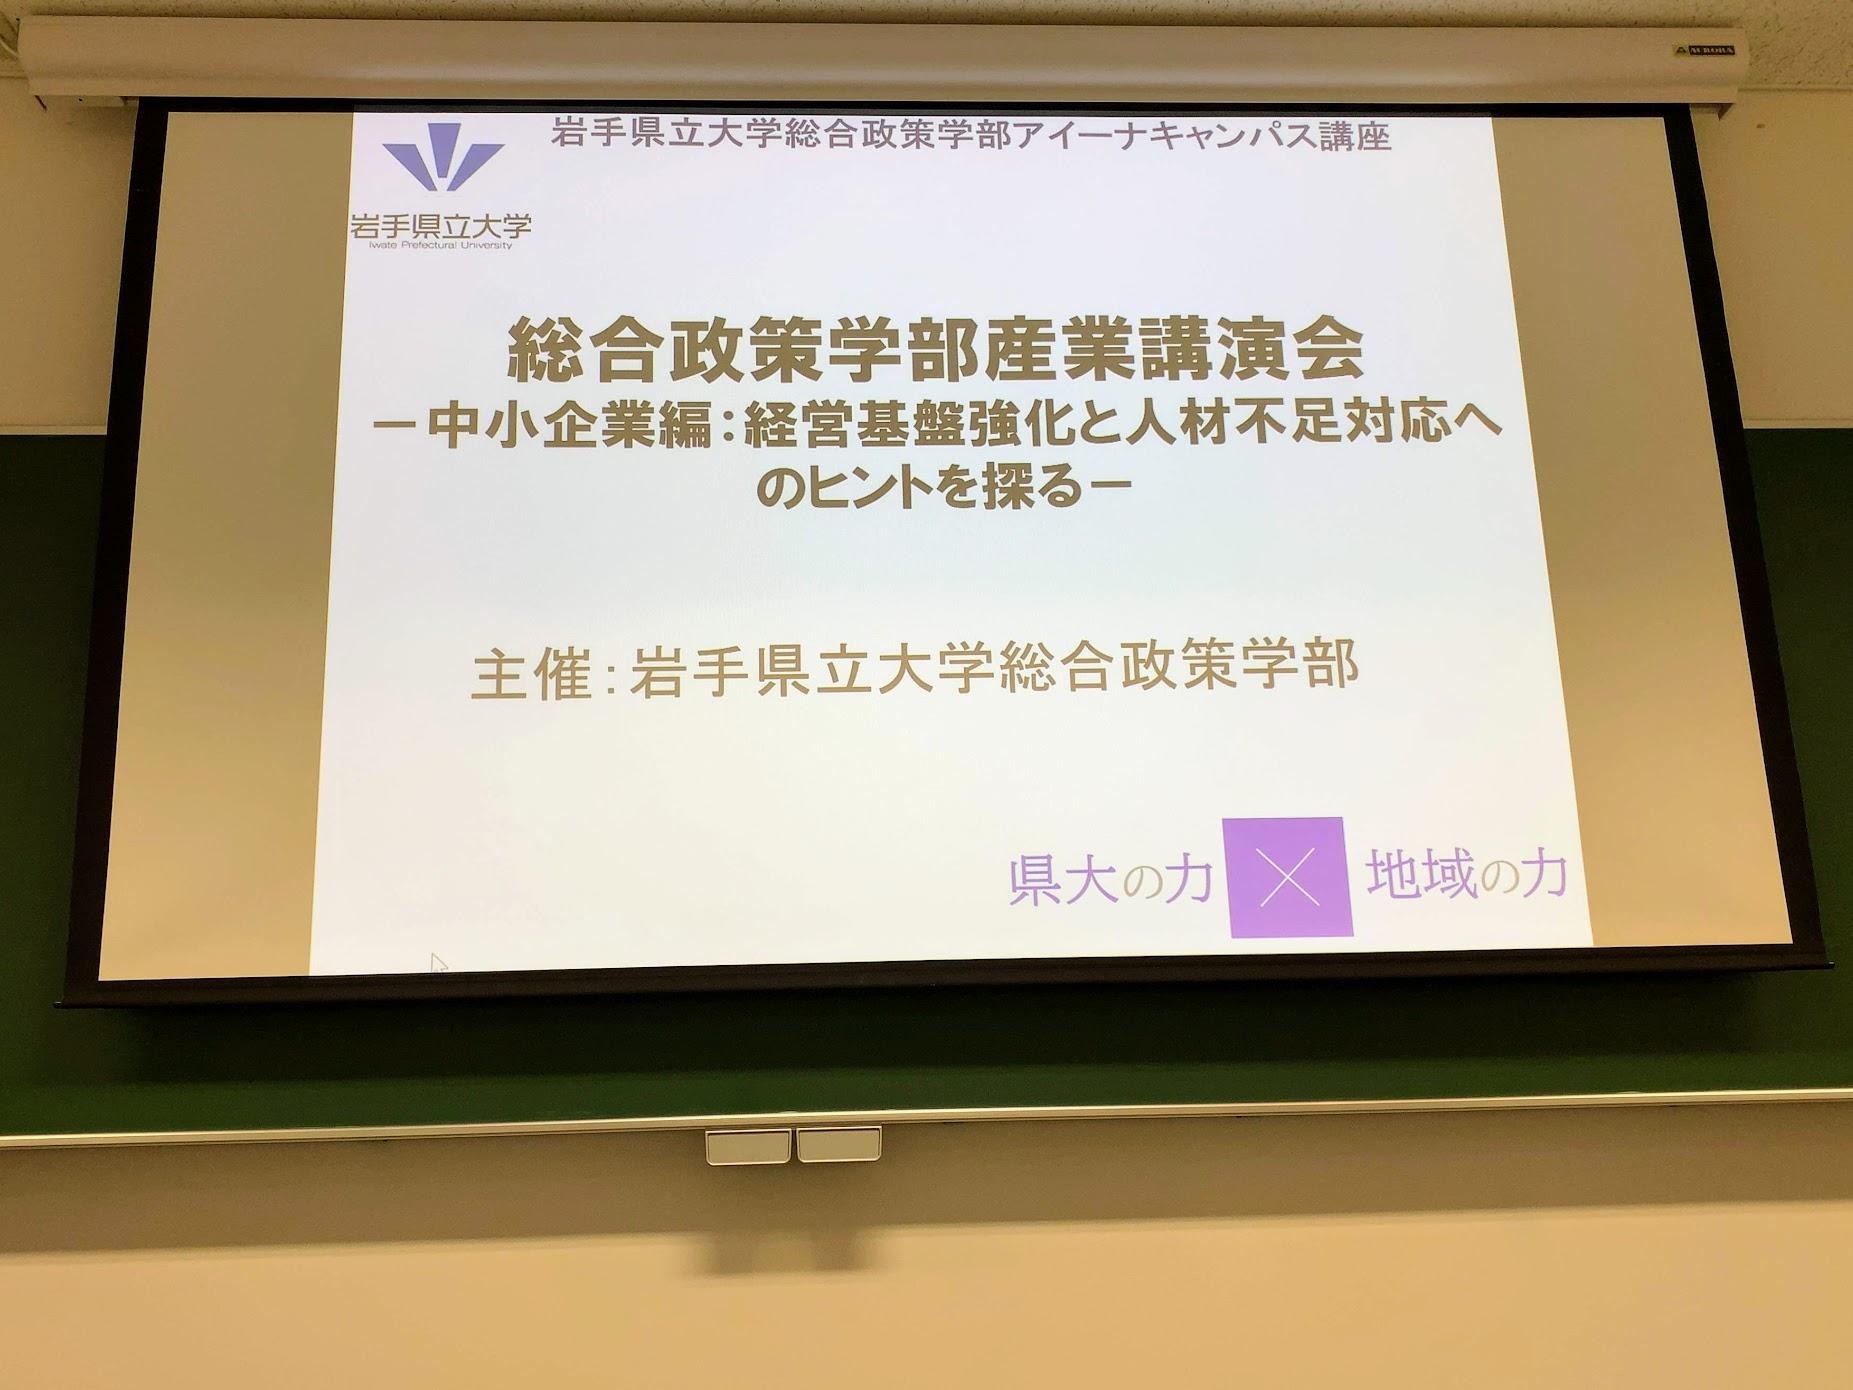 岩手県立大学総合政策学部産業講演会に参加しました